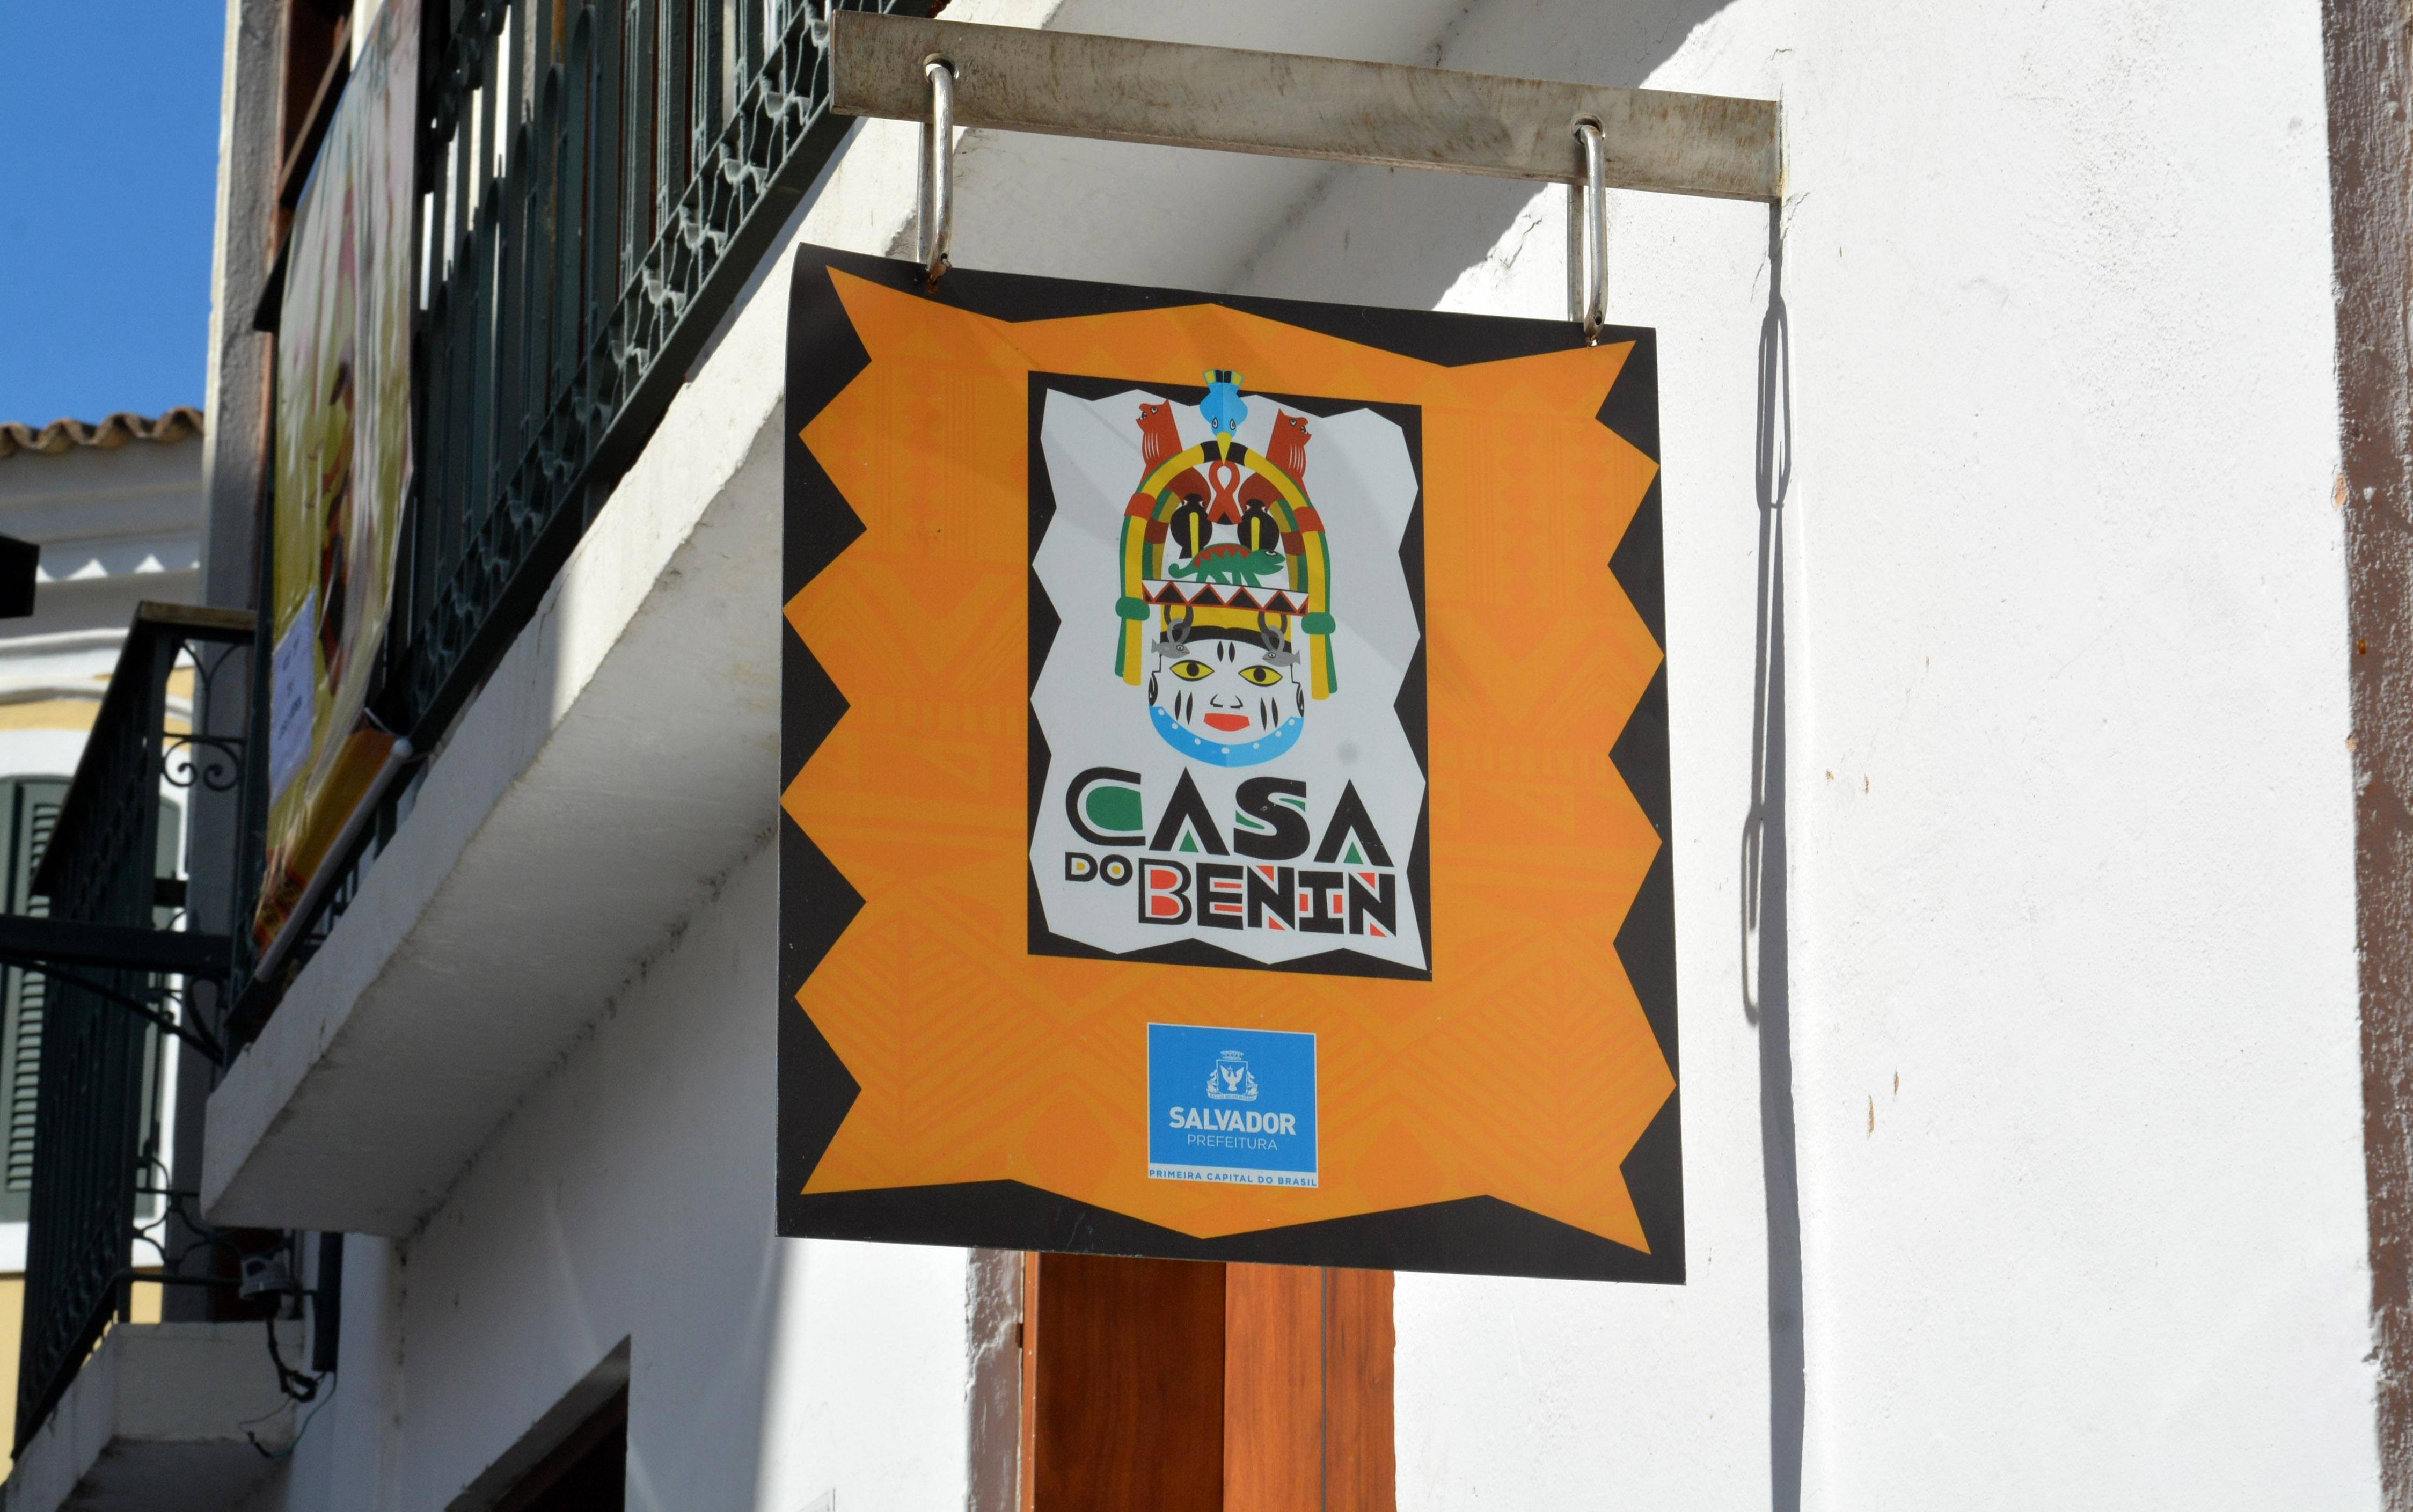 Projeto realiza oficinas online sobre memórias da Casa do Benin em Salvador; confira